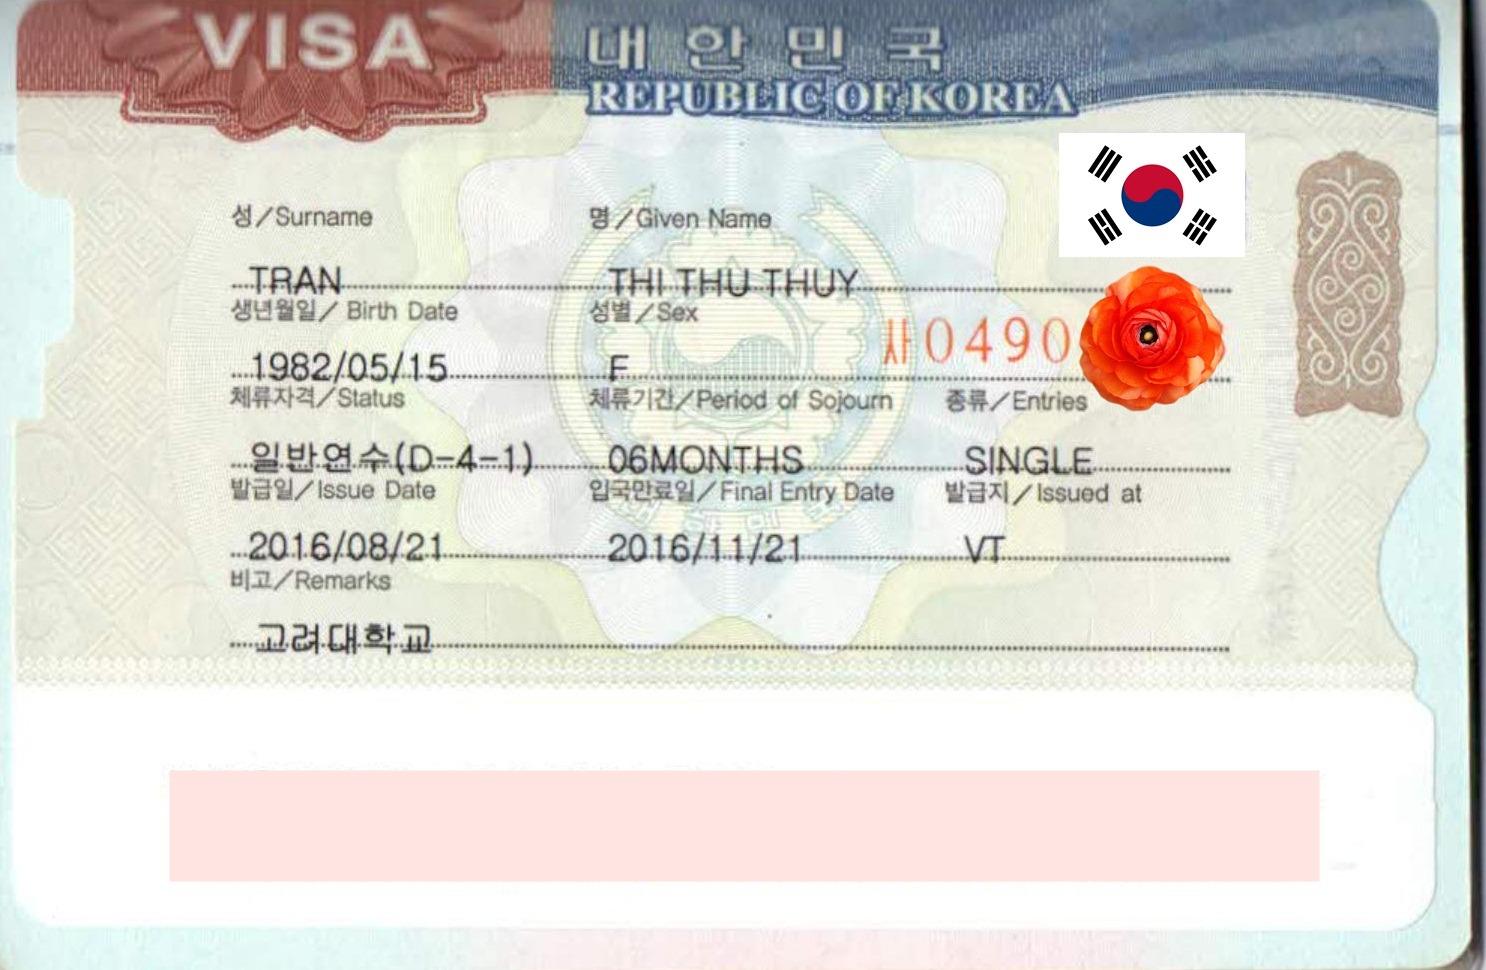 Chúc mừng bạn Trần Thị Thu Thủy sinh năm 1982  nhận được visa du học  Hàn Quốc kì tháng 9.2016